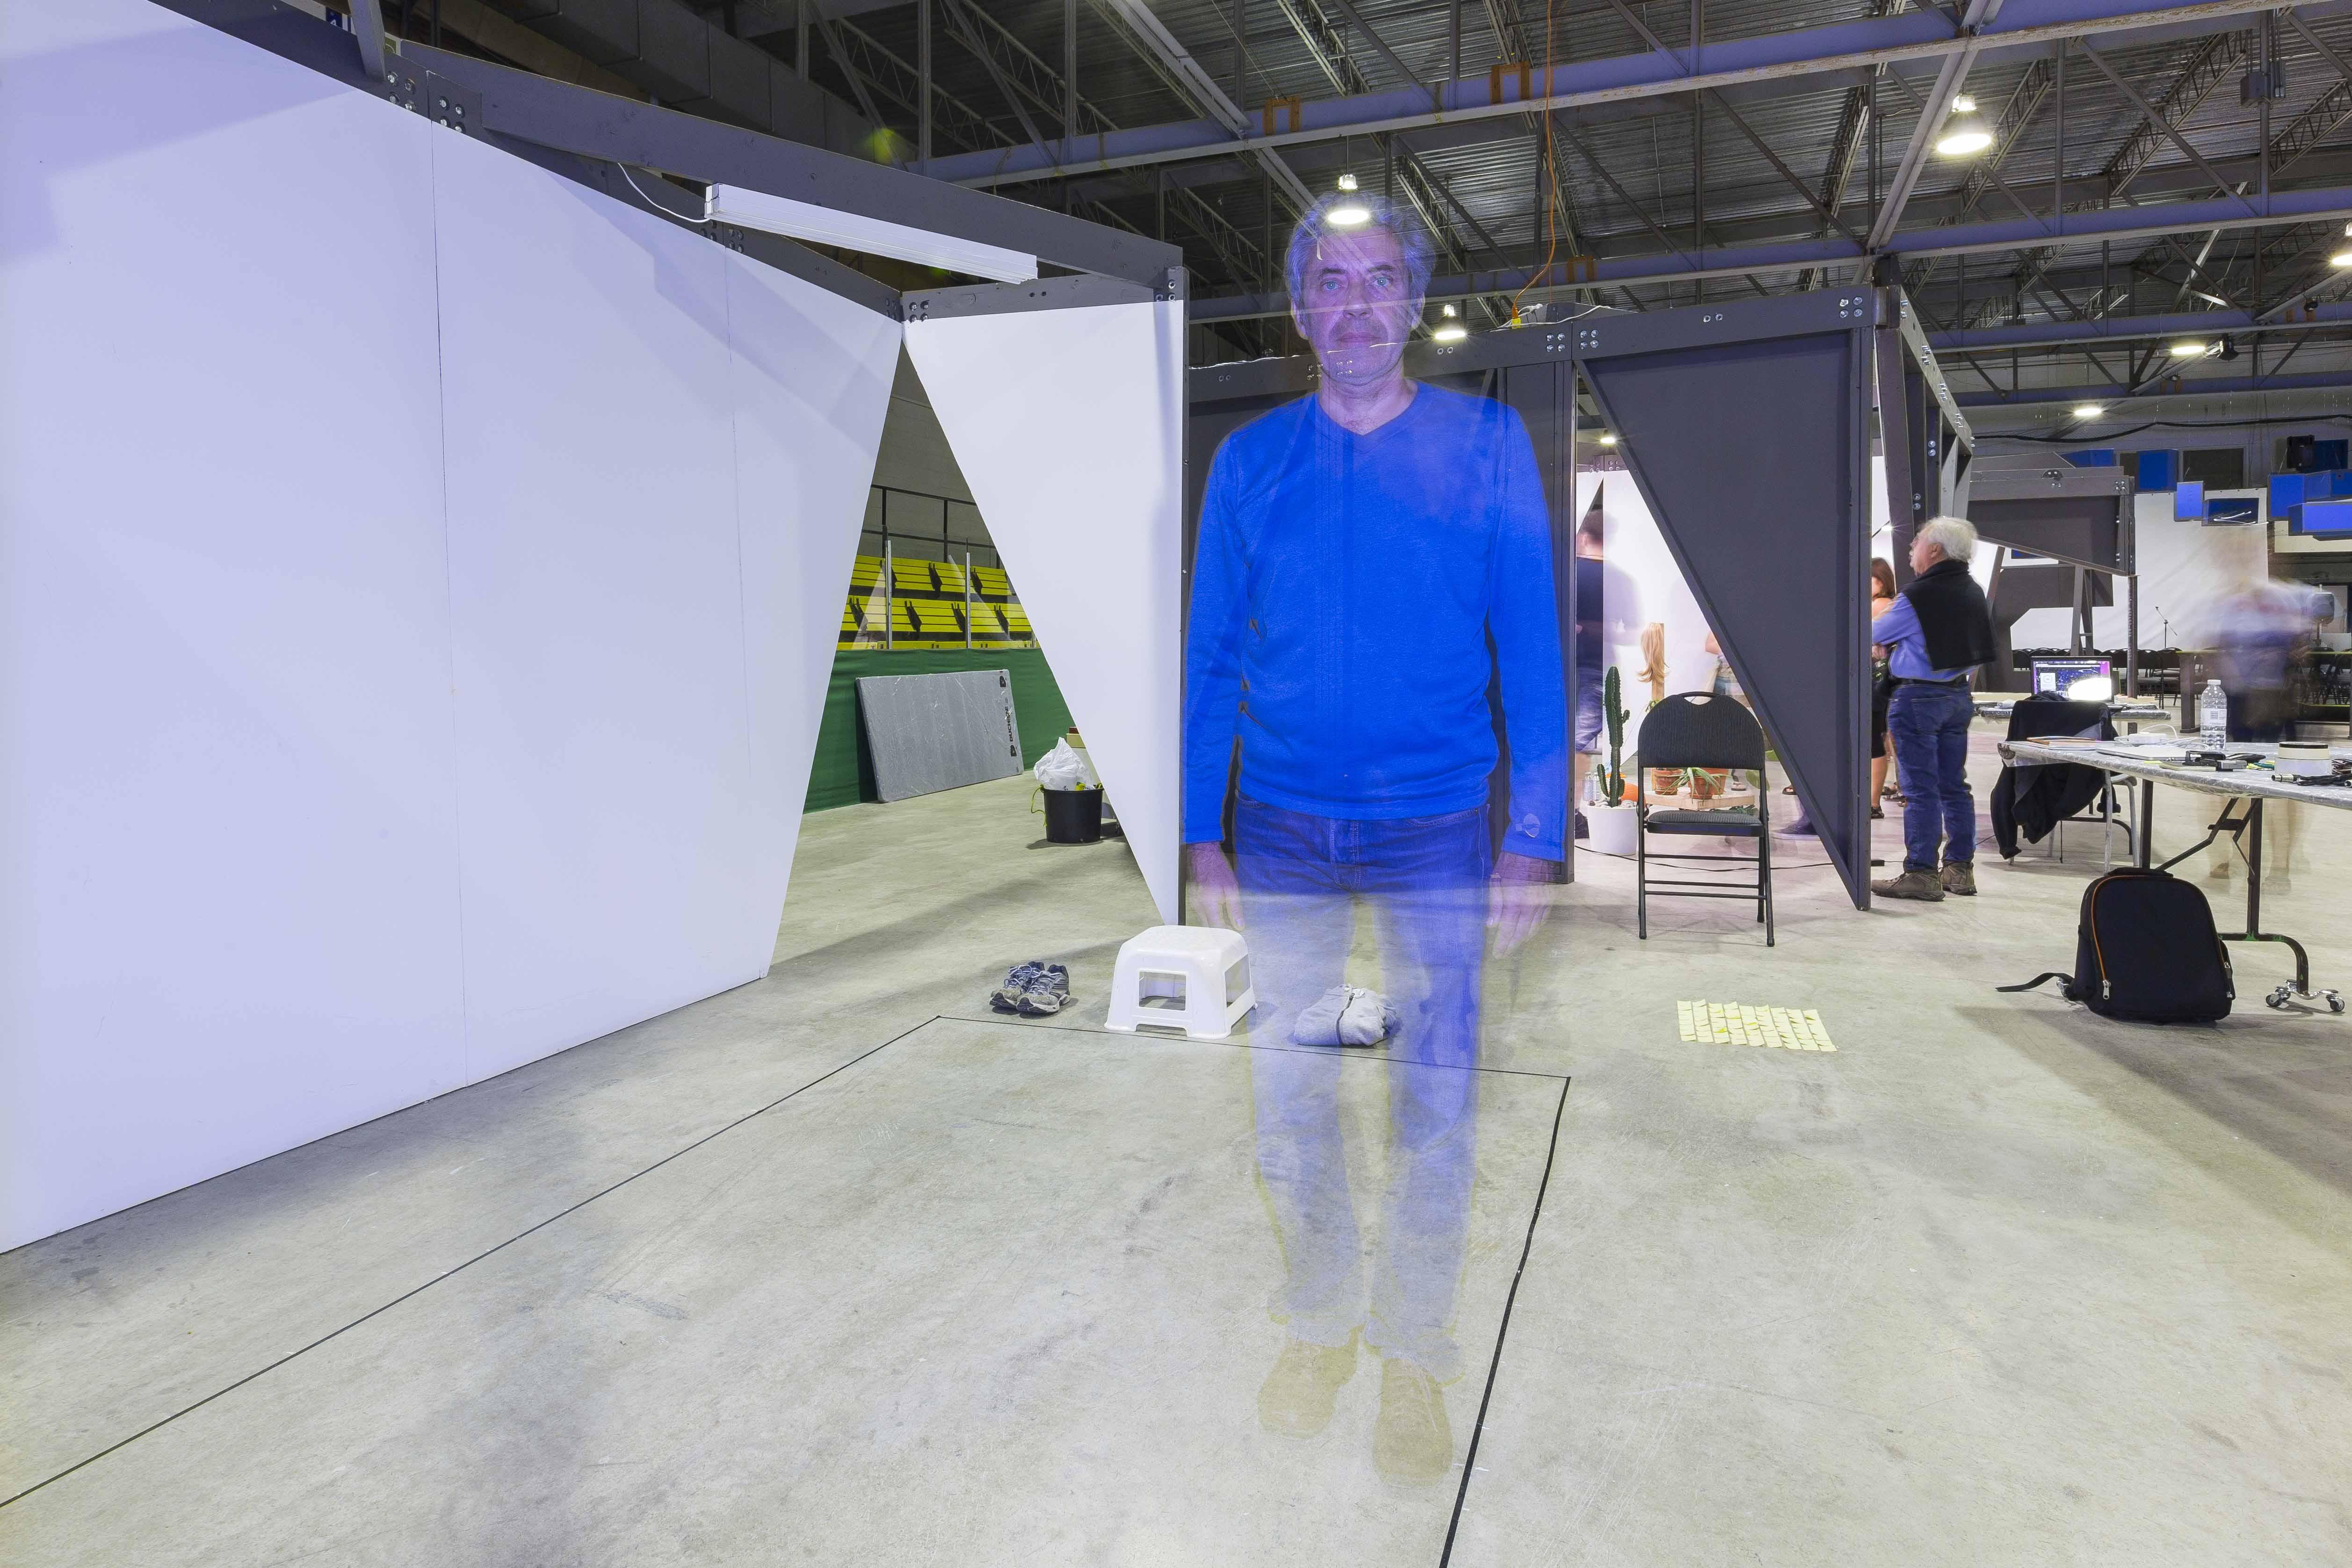 03_Bernard Pourrière_33e Symposium international d'art contemporain_Photo René Bouchard_BR